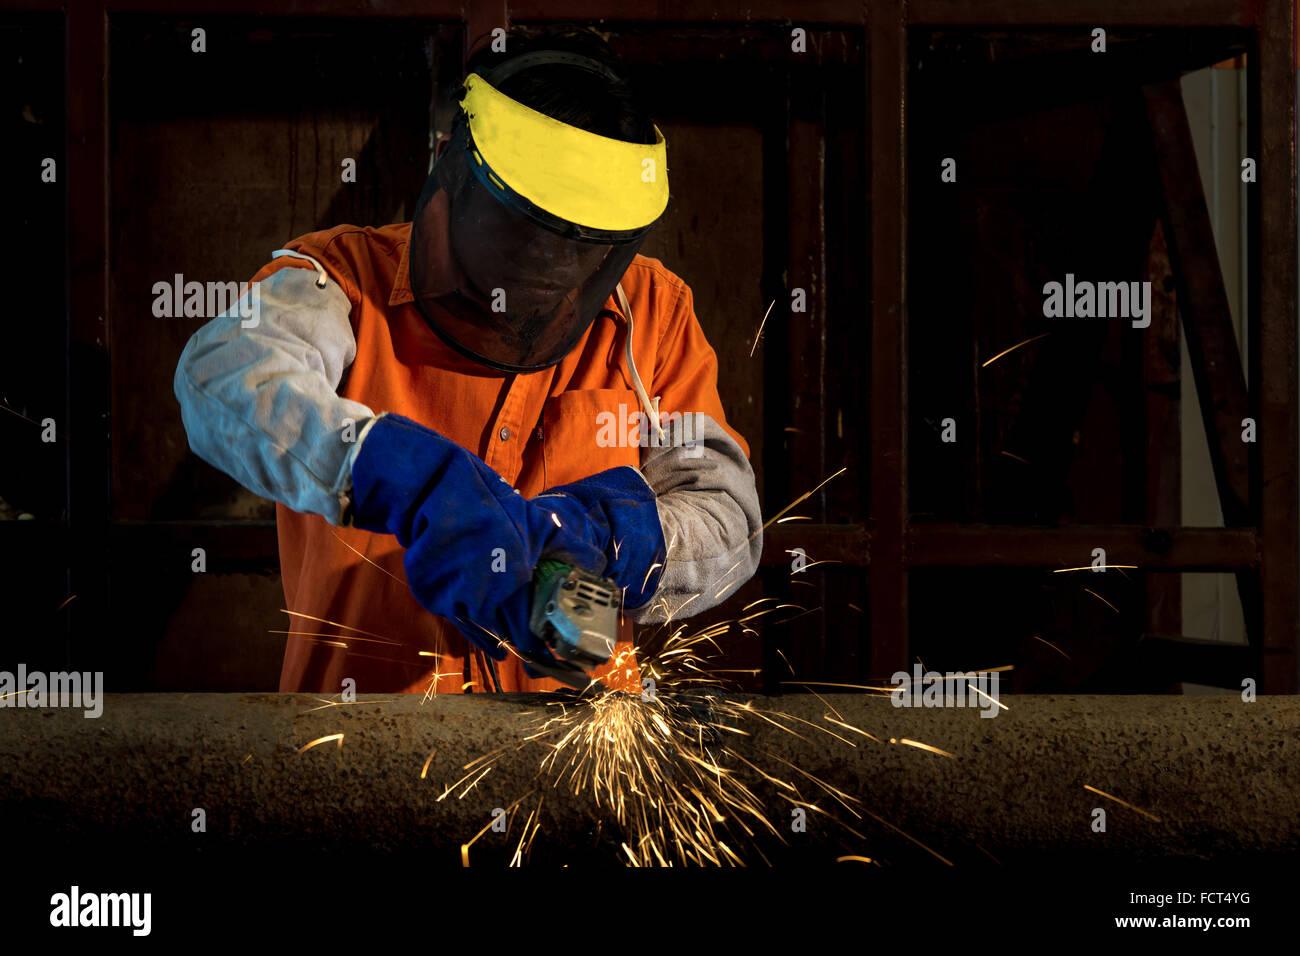 Operaio industriale il taglio e la saldatura di metallo con molti sharp scintille Immagini Stock